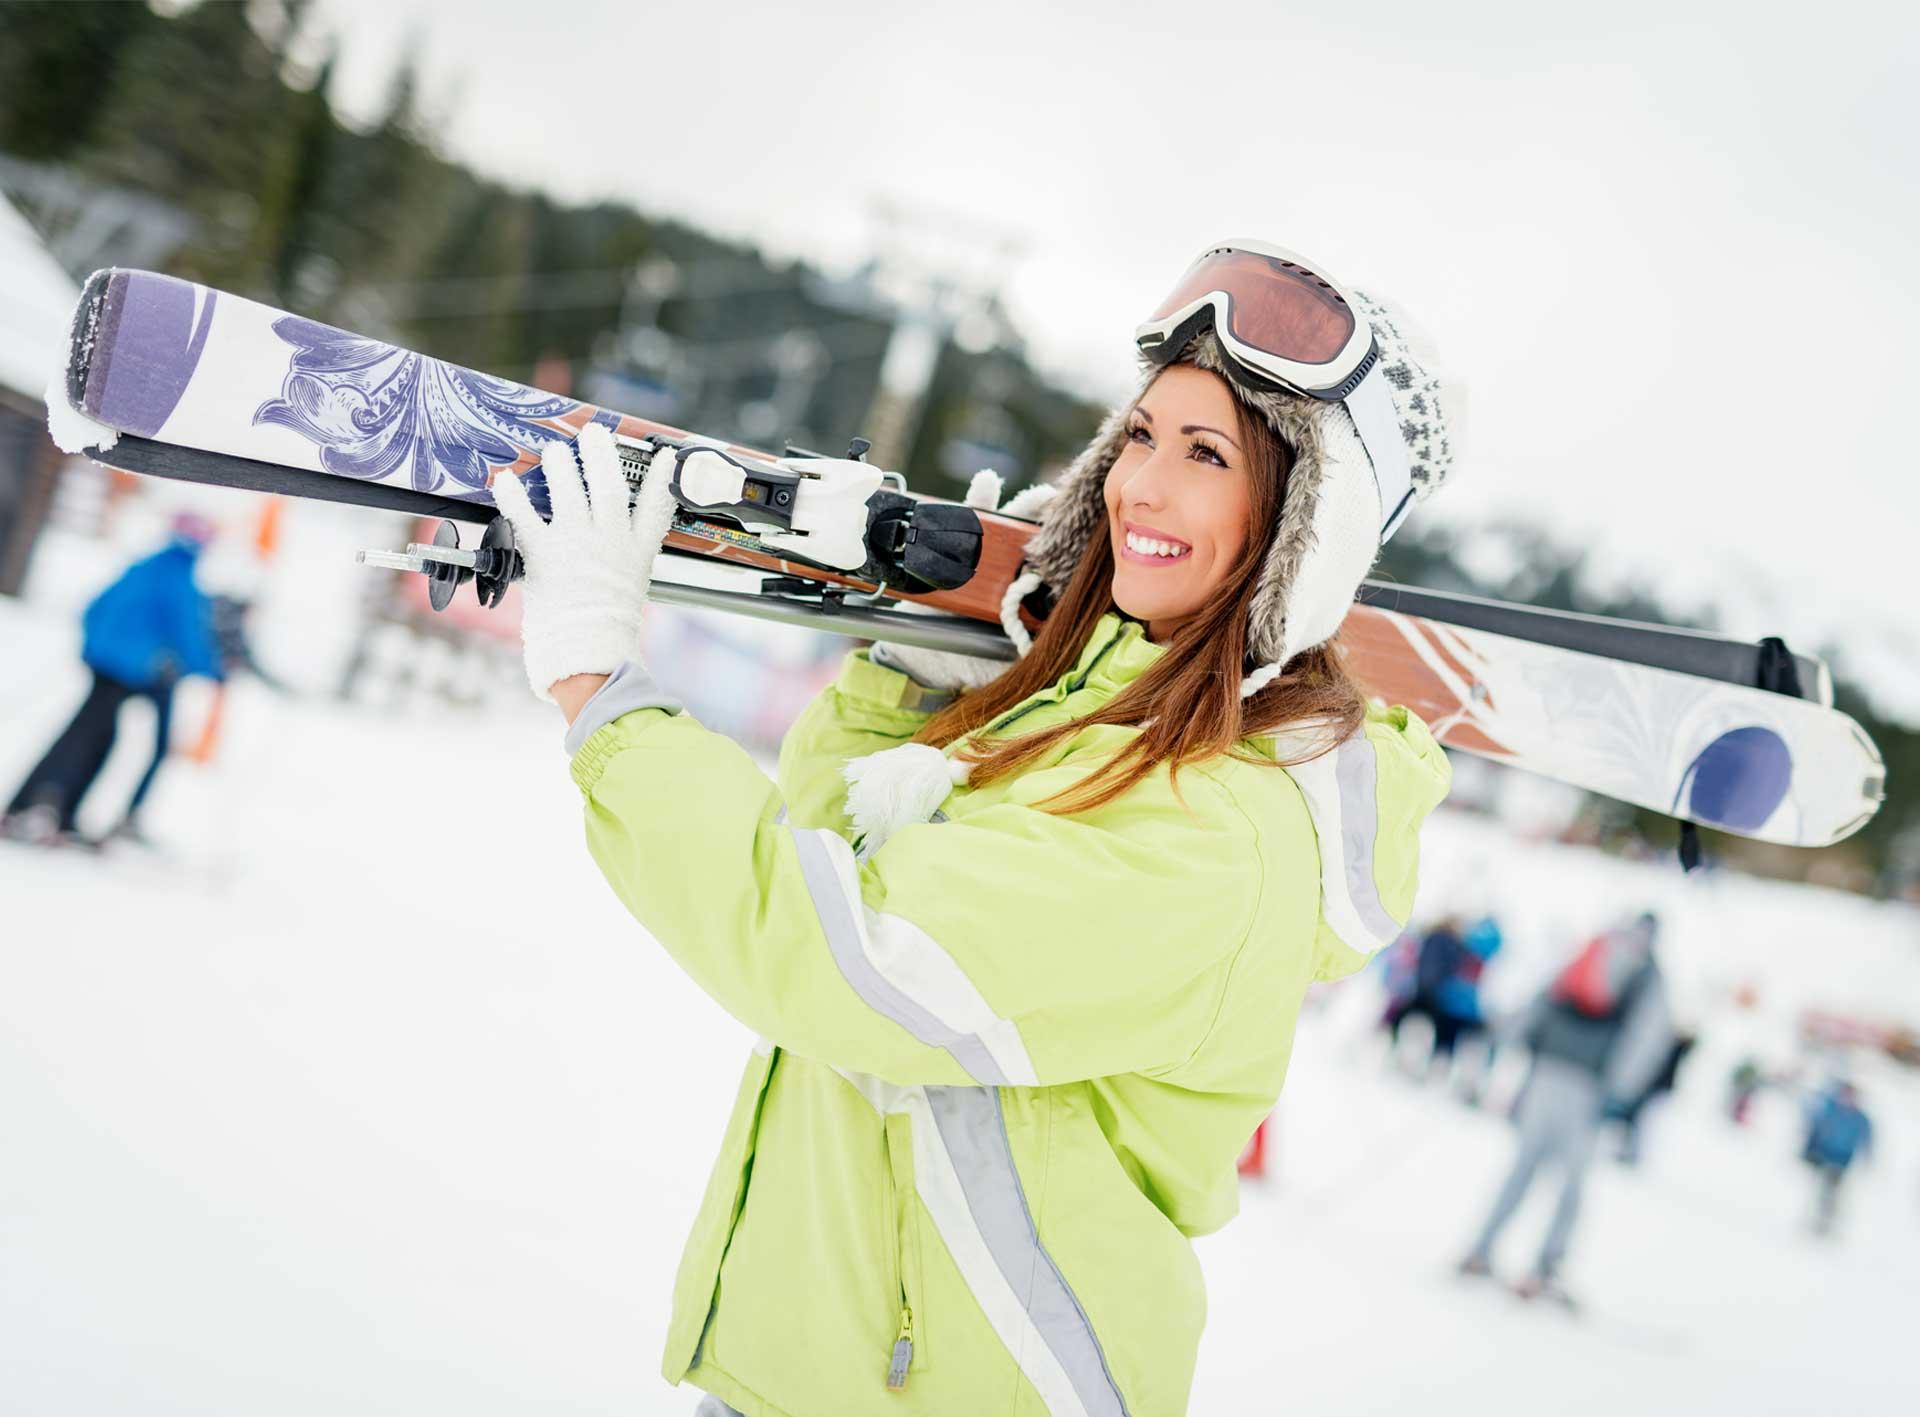 serwis, narty, Lenica, snowboard, deski snowboardowe